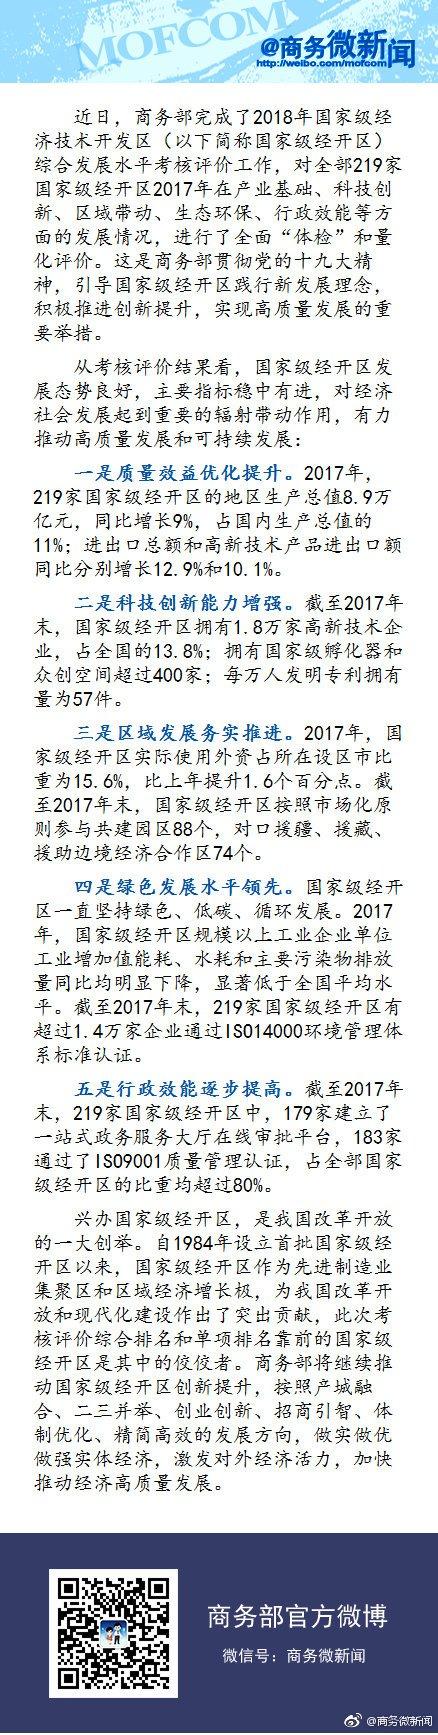 商务部公布2018年国家级经开区考评 苏州工业园区排第一